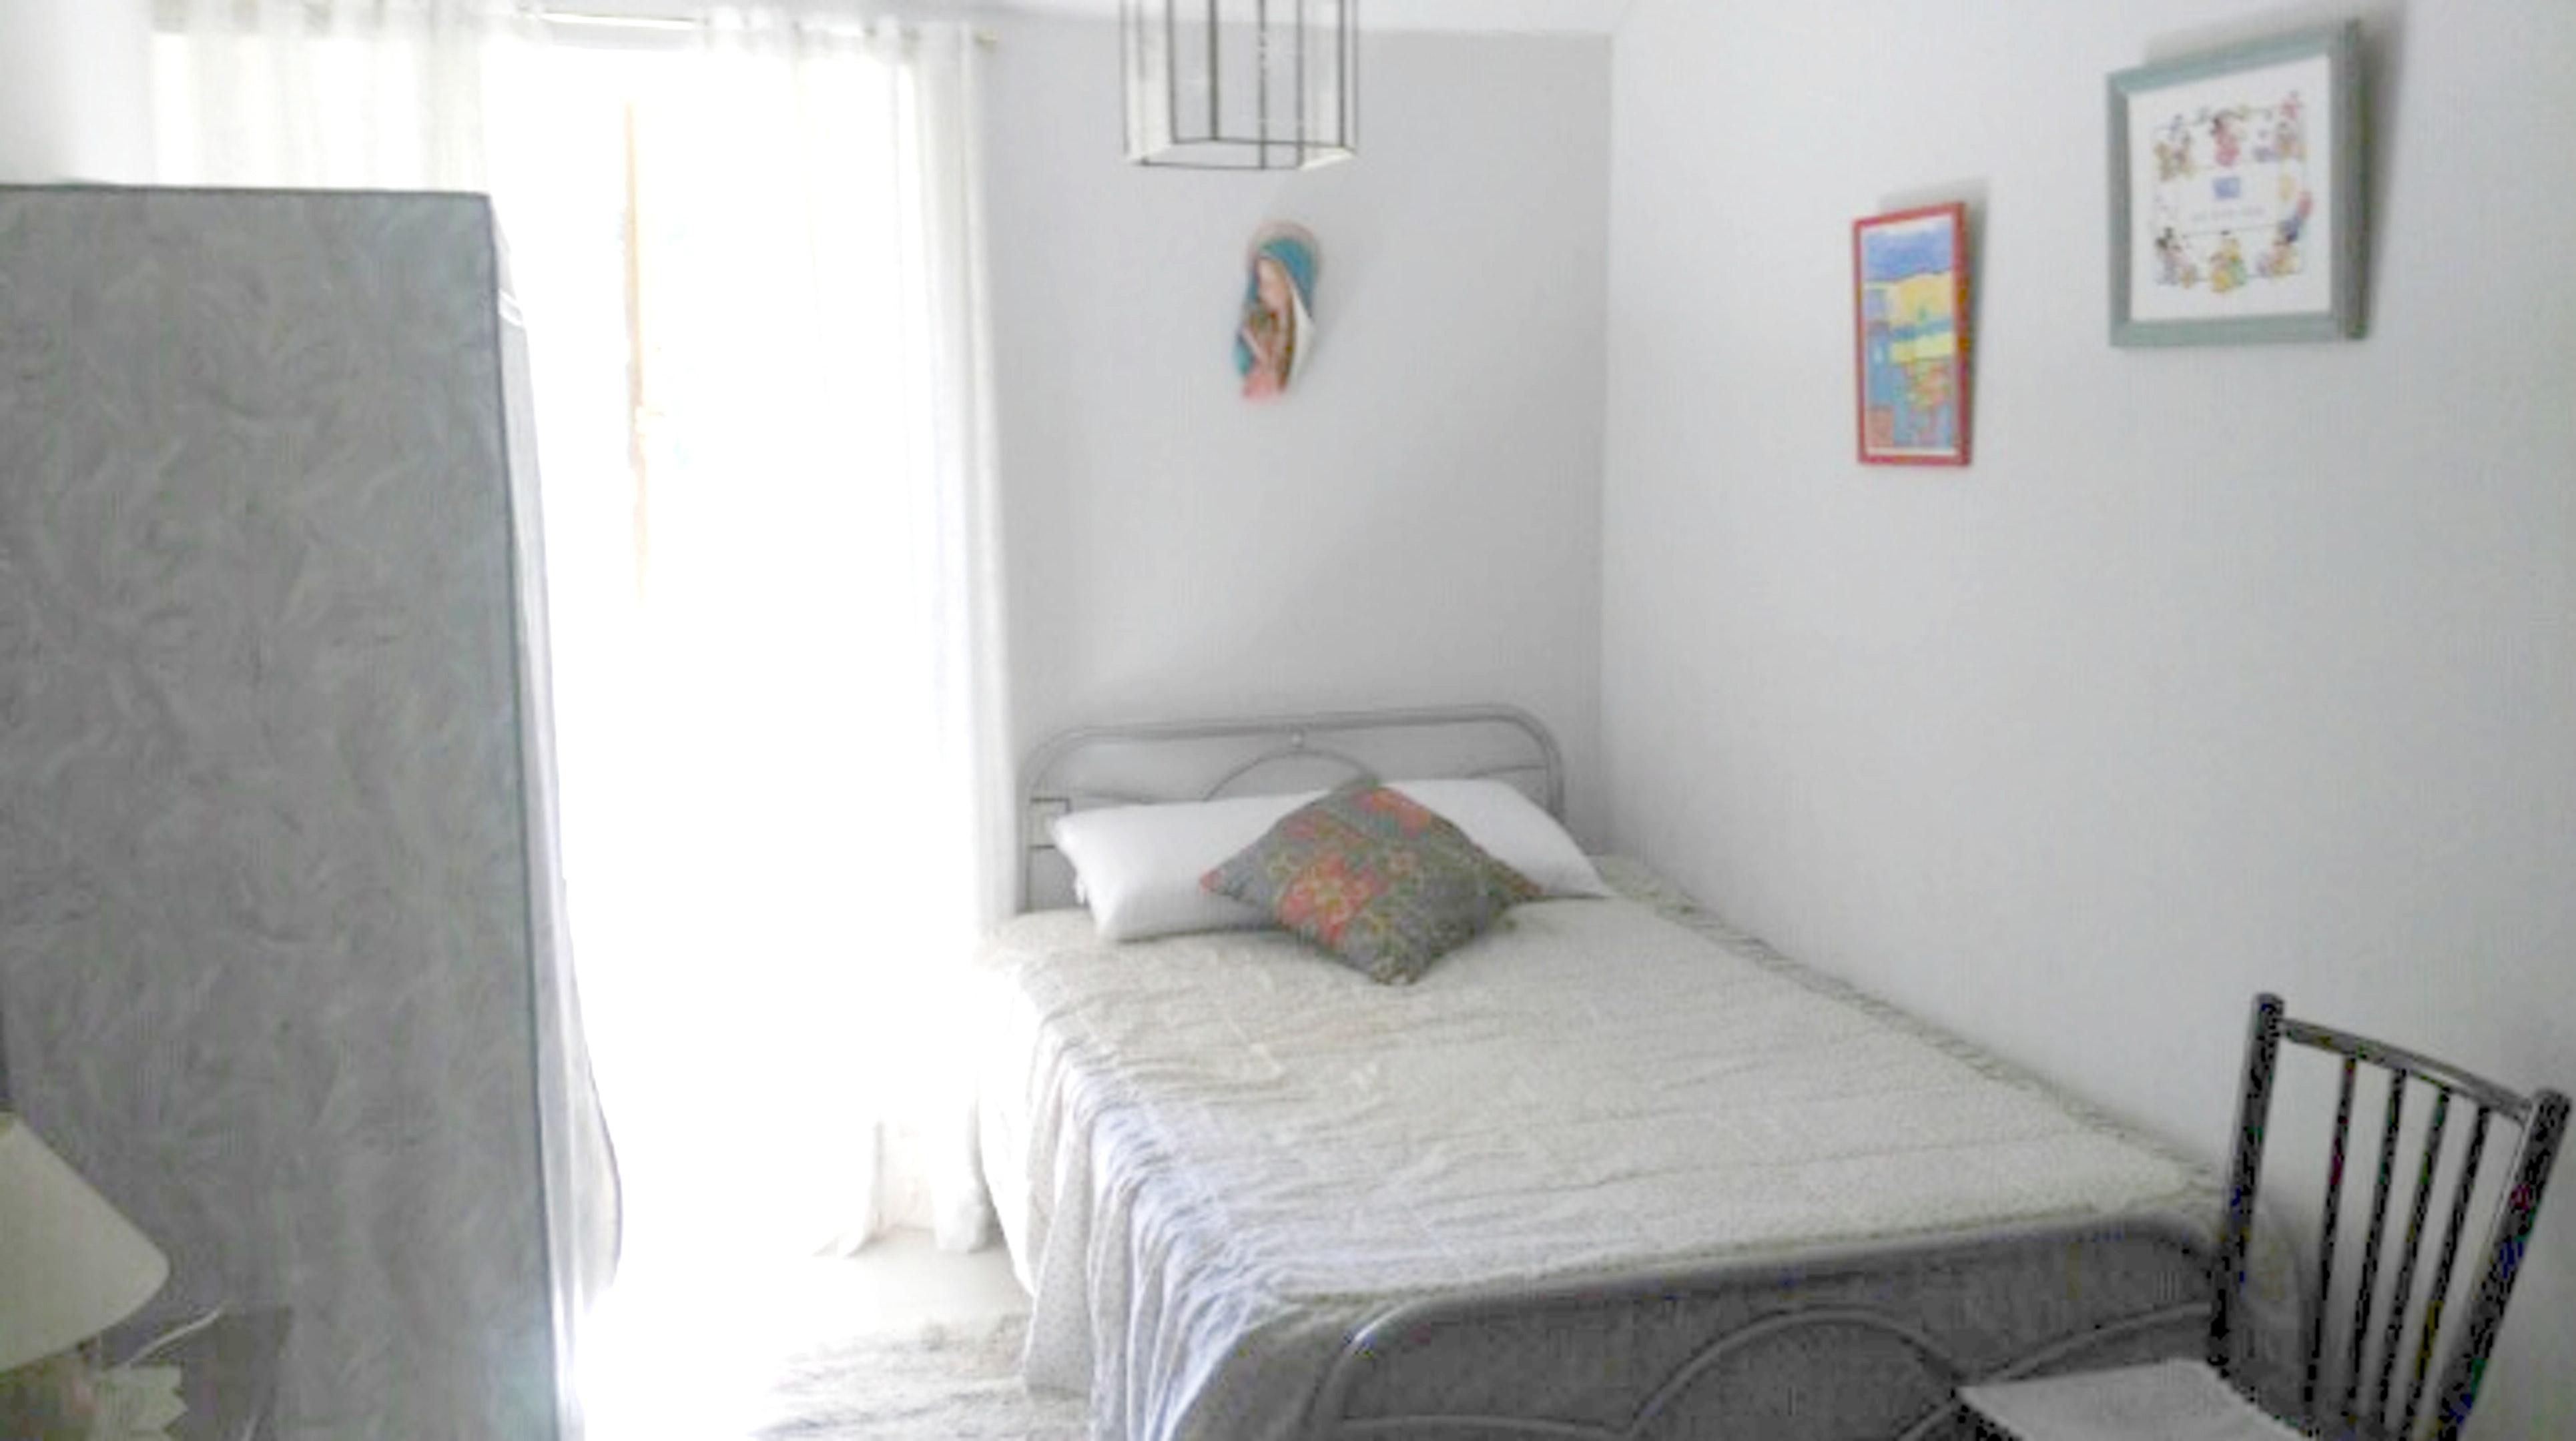 Ferienhaus Haus mit 4 Schlafzimmern in Baralla mit möbliertem Garten (2202040), Baralla, Lugo, Galicien, Spanien, Bild 9